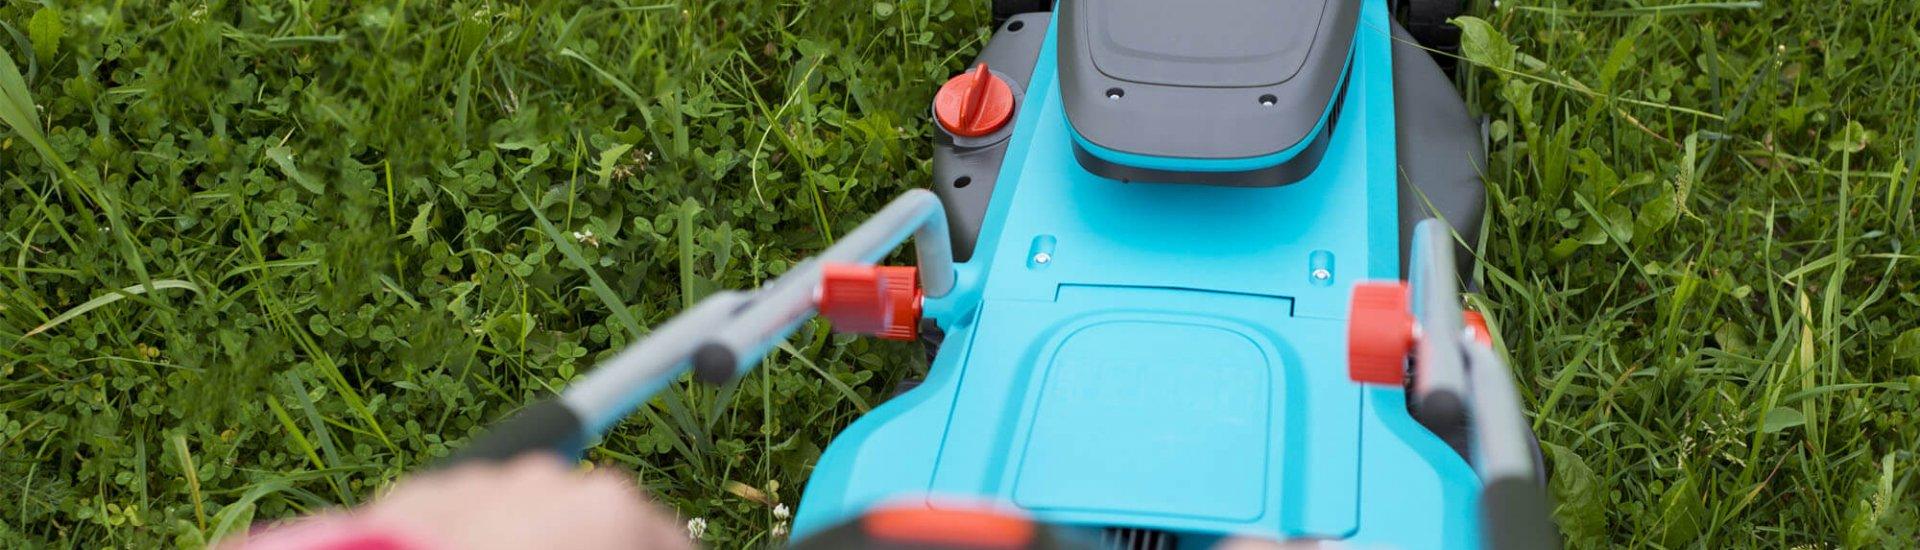 Akku Rasenmäher mit Antrieb - Erleichtertes Rasenmähen durch Radantrieb